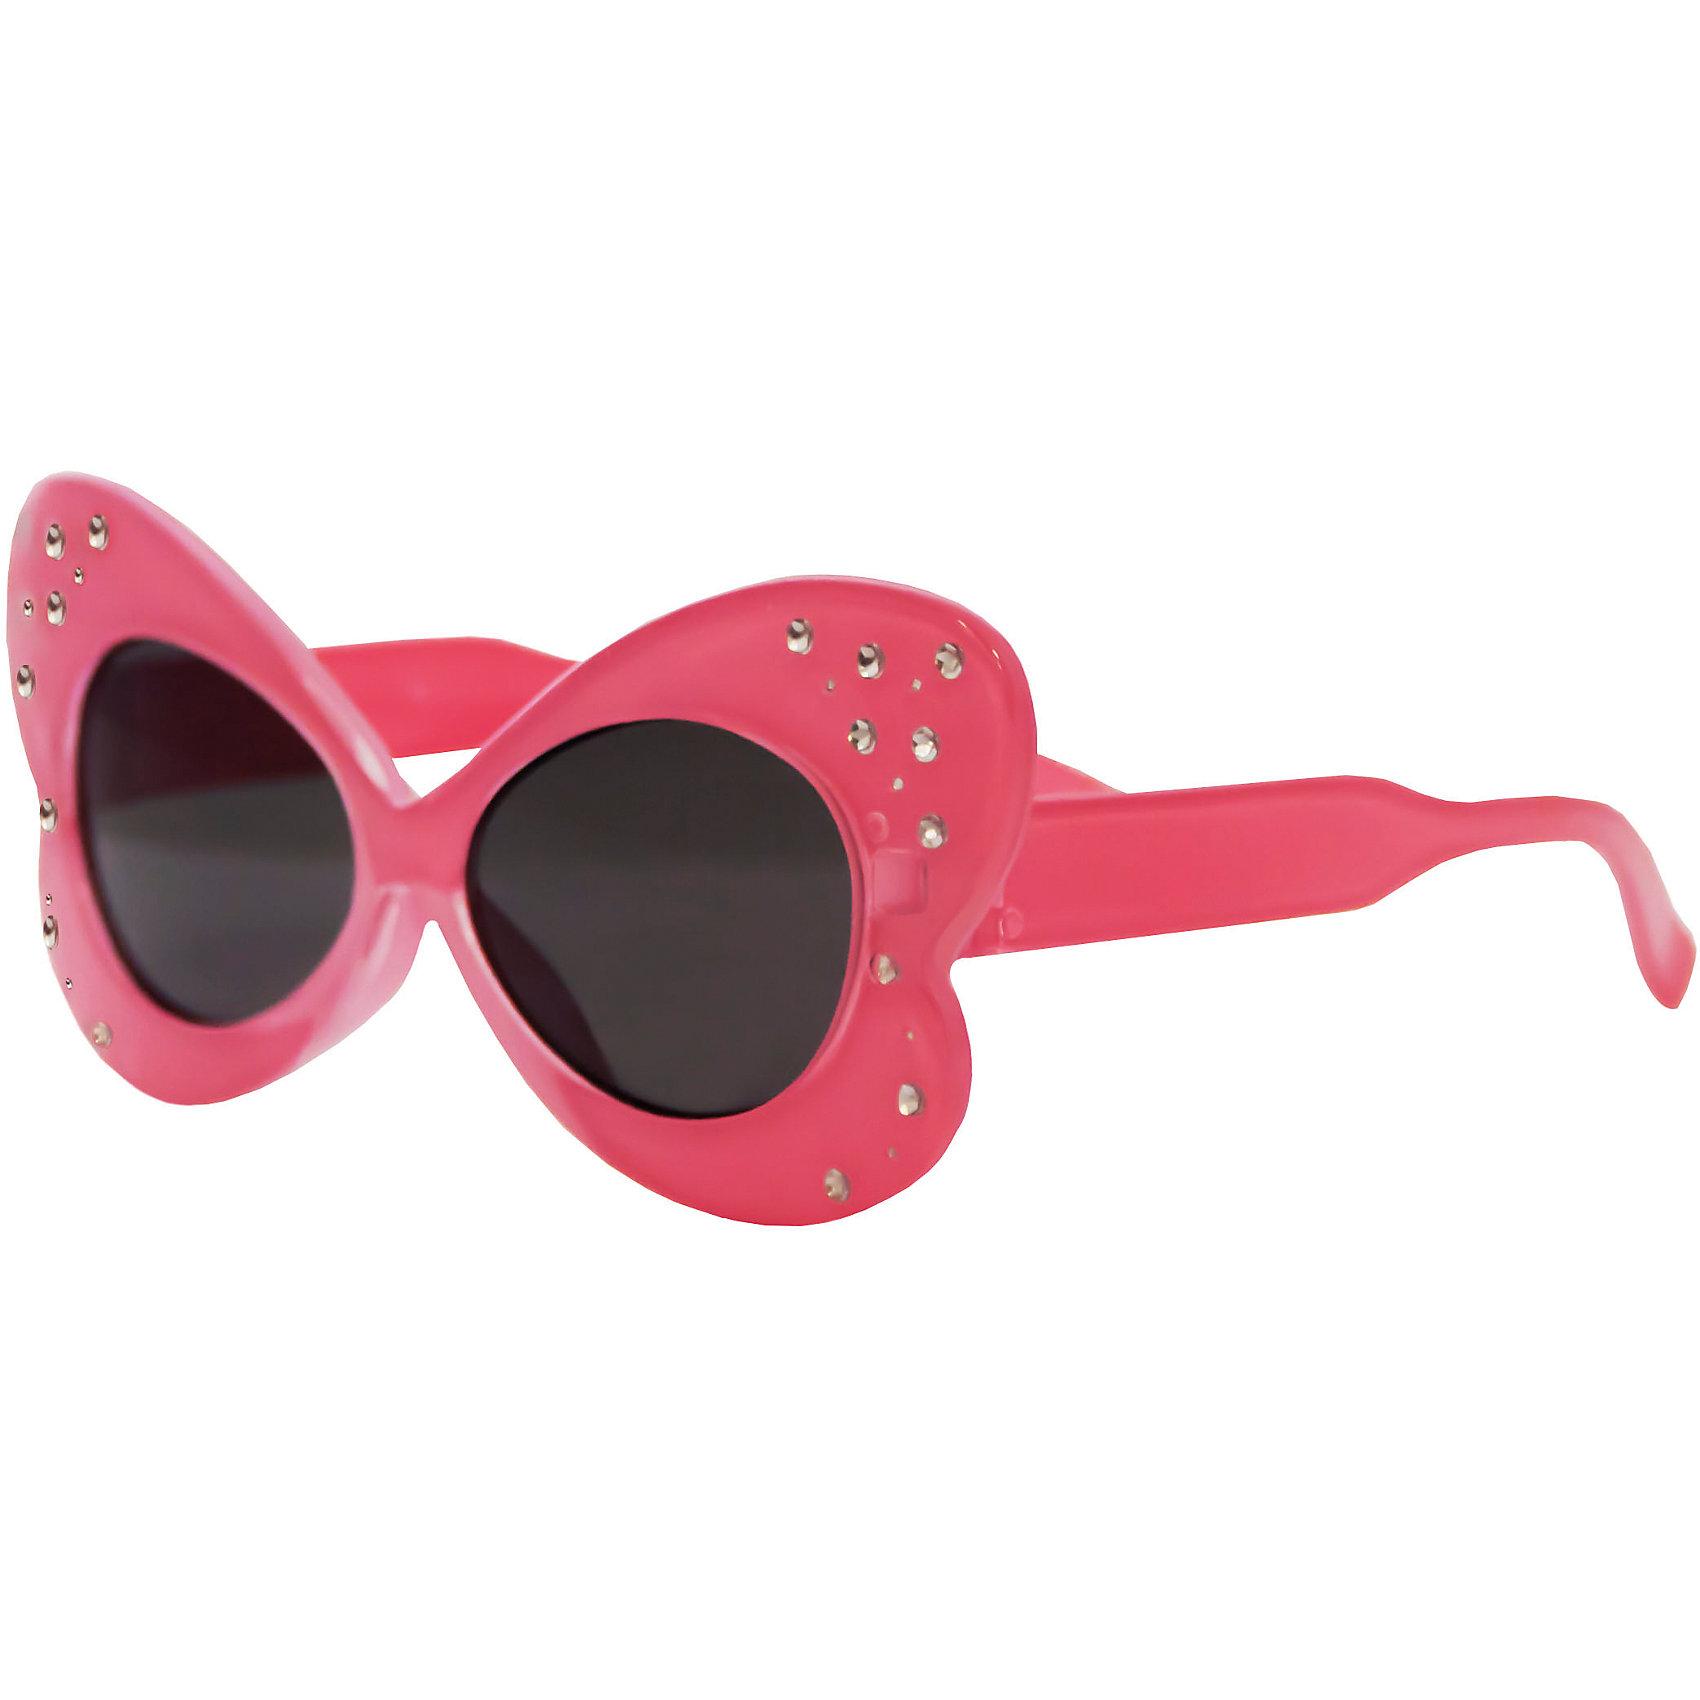 Солнцезащитные очки CaramellaСтильные солнцезащитные очки «Caramella» в форме бабочки со стразами – это ультрамодный и полезный аксессуар для маленькой модницы. Их пластиковые линзы надежно защищают глаза от коварных ультрафиолетовых лучей, особенно опасных для детских нежных хрусталиков. Удобные дужки комфортно прилегают к голове и почти не ощущаются. Насыщенный розовый цвет оправы и дужек придают очкам особую выразительность. Аксессуар изготовлен из пластика, расстояние между дужками на внутренней части очков – 110 мм. Товар произведен в Тайване. Имеется сертификат качества и протокол испытания линз.<br><br>Ширина мм: 170<br>Глубина мм: 157<br>Высота мм: 67<br>Вес г: 117<br>Возраст от месяцев: 36<br>Возраст до месяцев: 2147483647<br>Пол: Женский<br>Возраст: Детский<br>SKU: 4738338